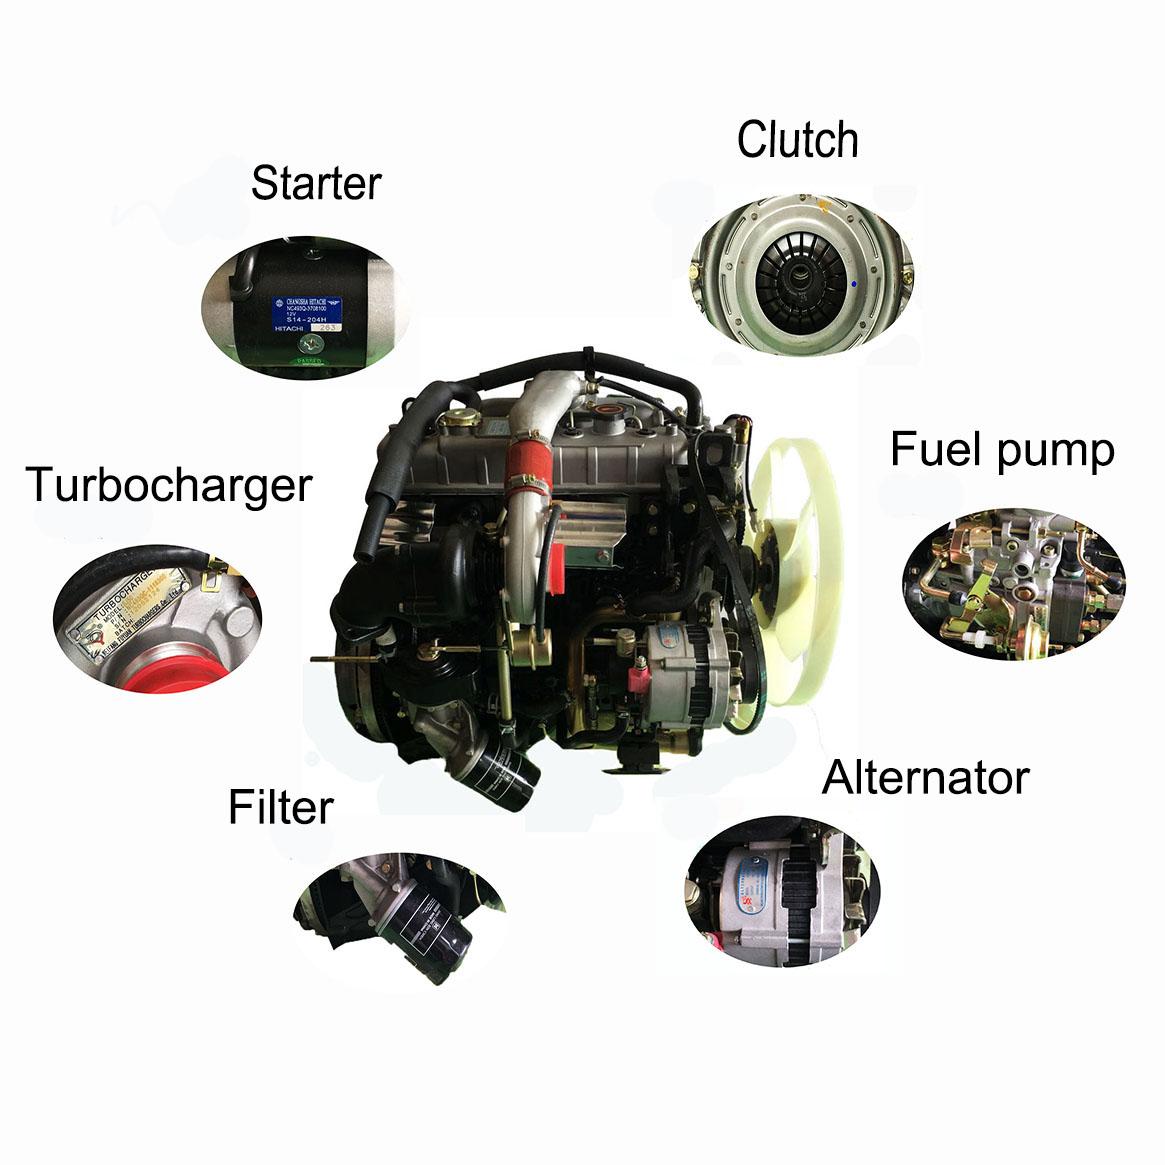 Grote korting! NPR NQR NKR 4jb1 4jb1t turbo upgrade diesel motor onderdelen voor isuzu elf Trooper 4jb1 2.8 tdi motor vergadering